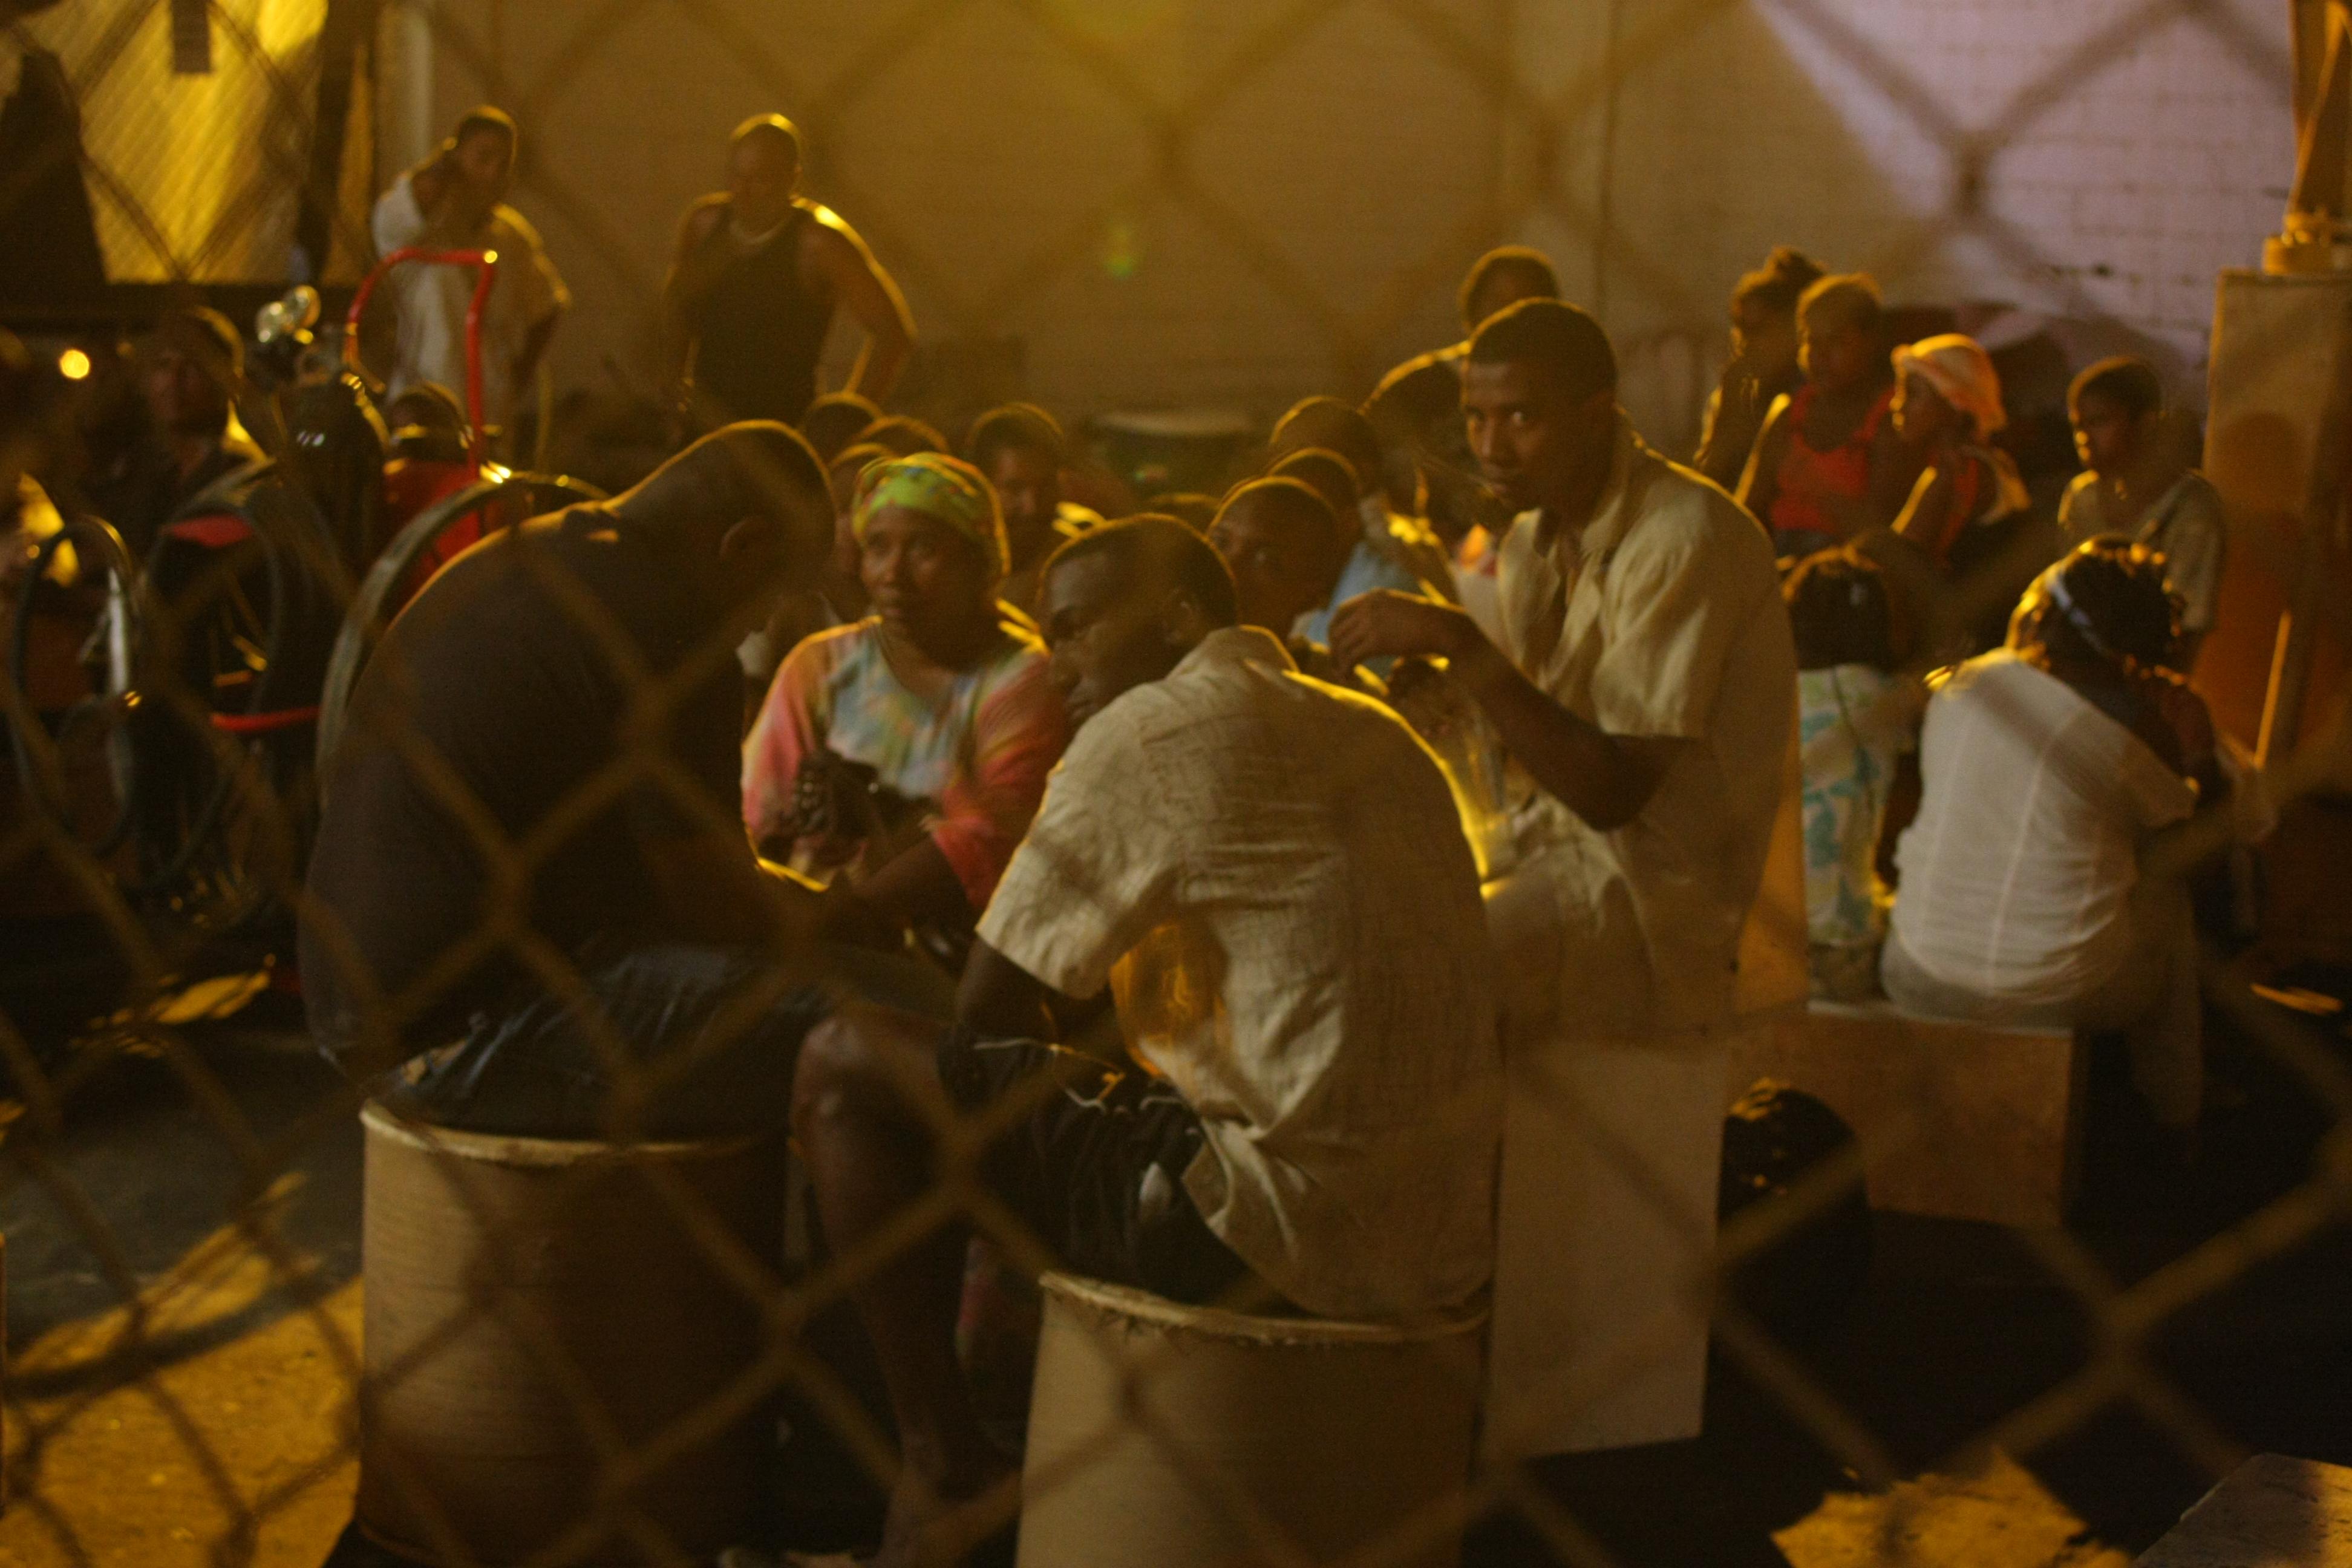 Tráfico humano en Melilla-Locacion